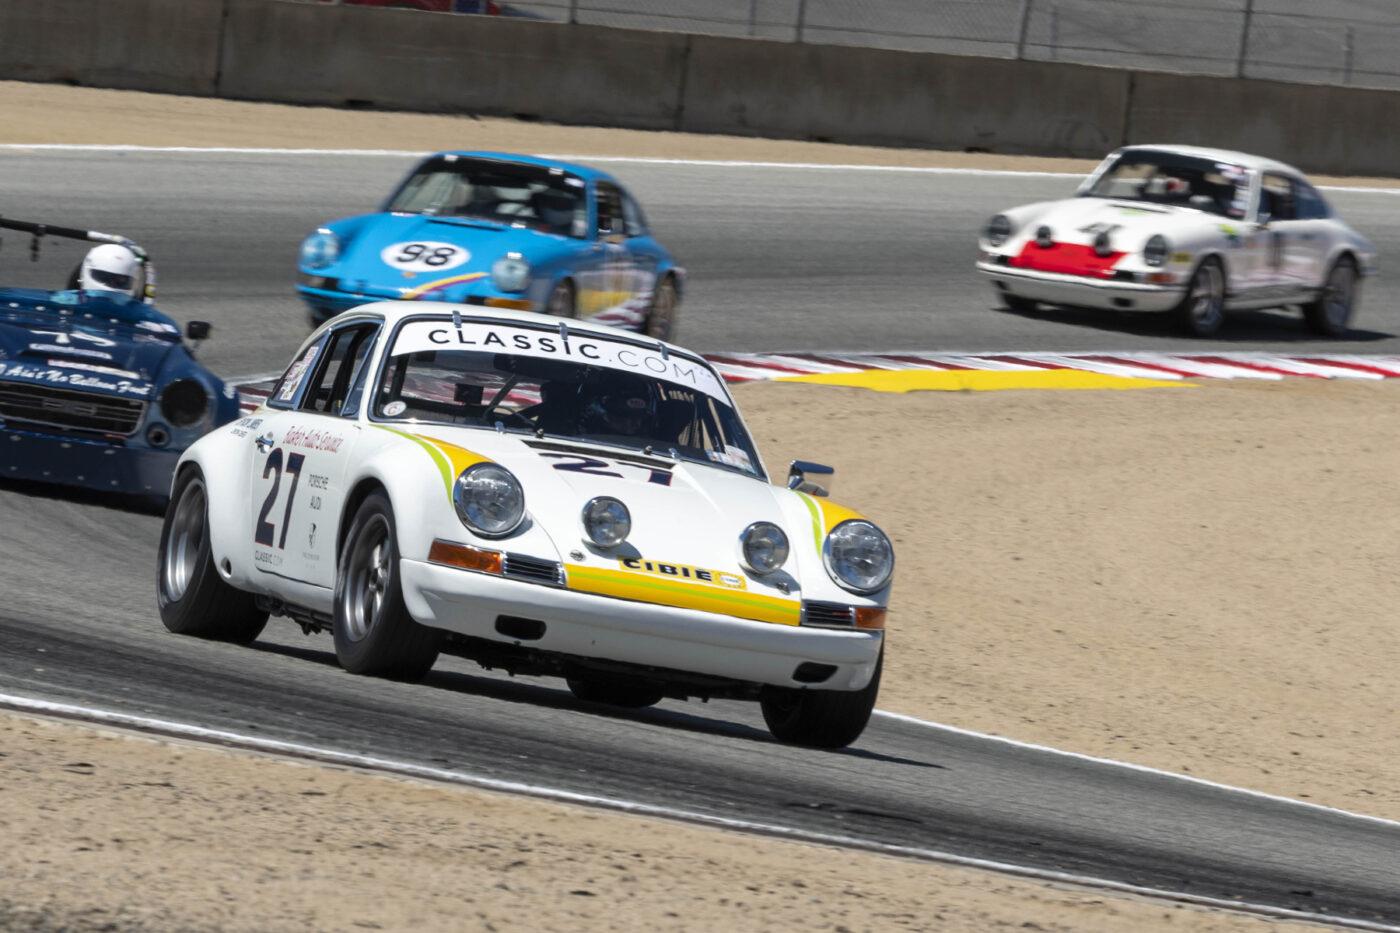 Group 2: 1961-1966 GT under 2500cc - Nelson Calle qualifies 1st in his 1967 Porsche 911 - ©Rex McAfee